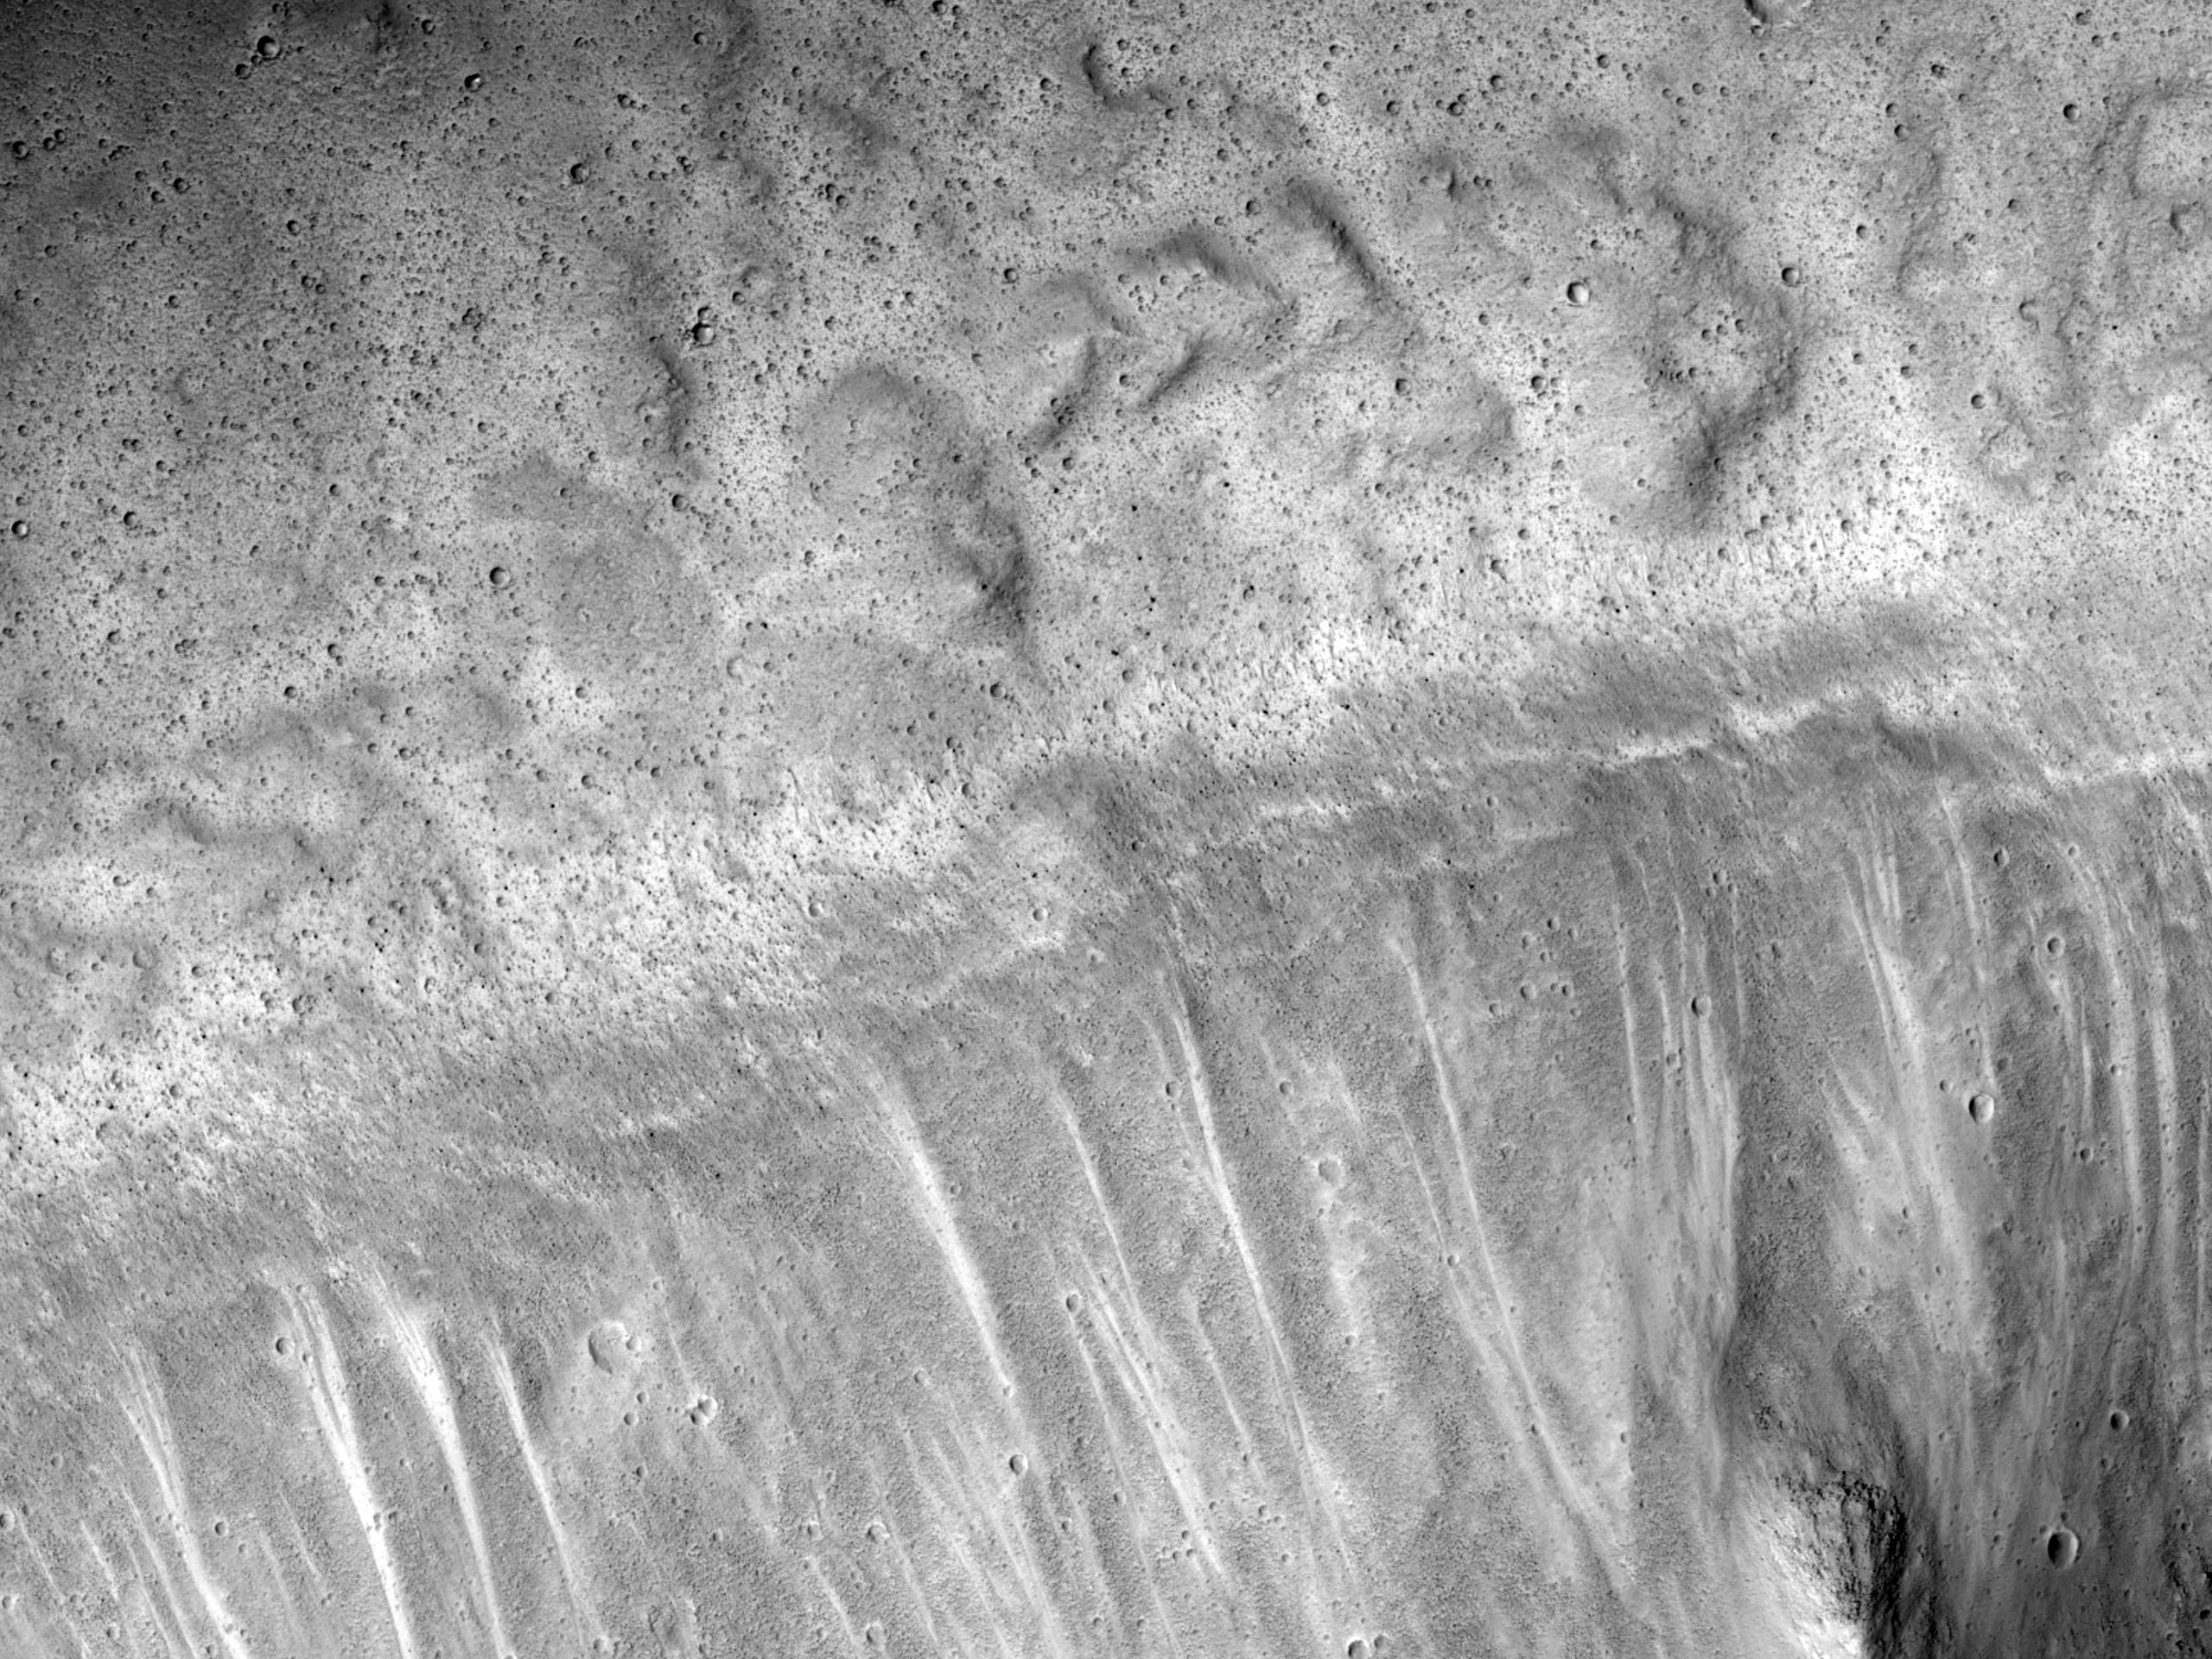 Lobate Margin on Scarp in Kasei Valles Side Canyon